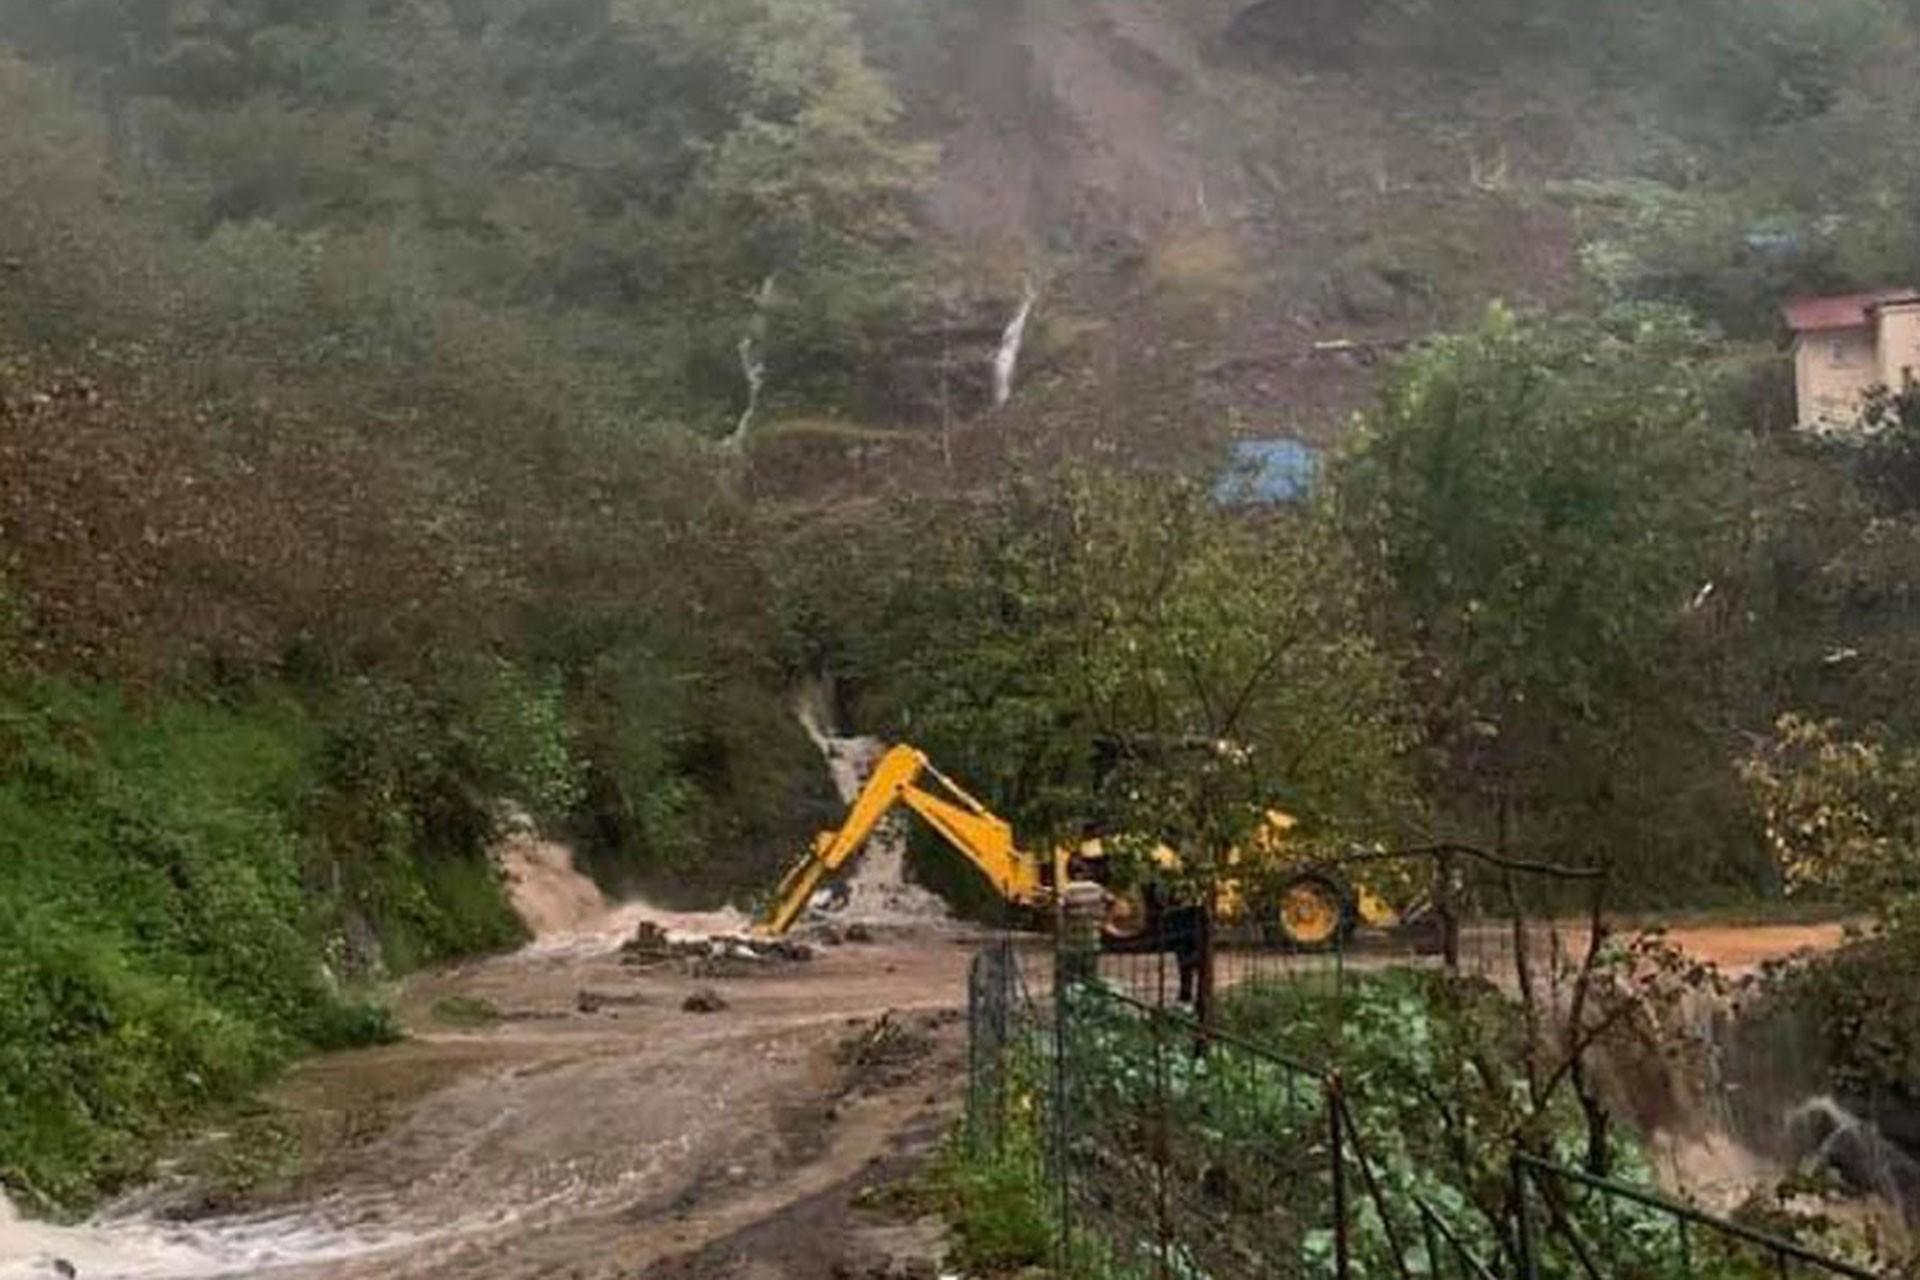 Giresun'da sağanak, sel ve heyelana yol açtı: 1 kişi hayatını kaybetti